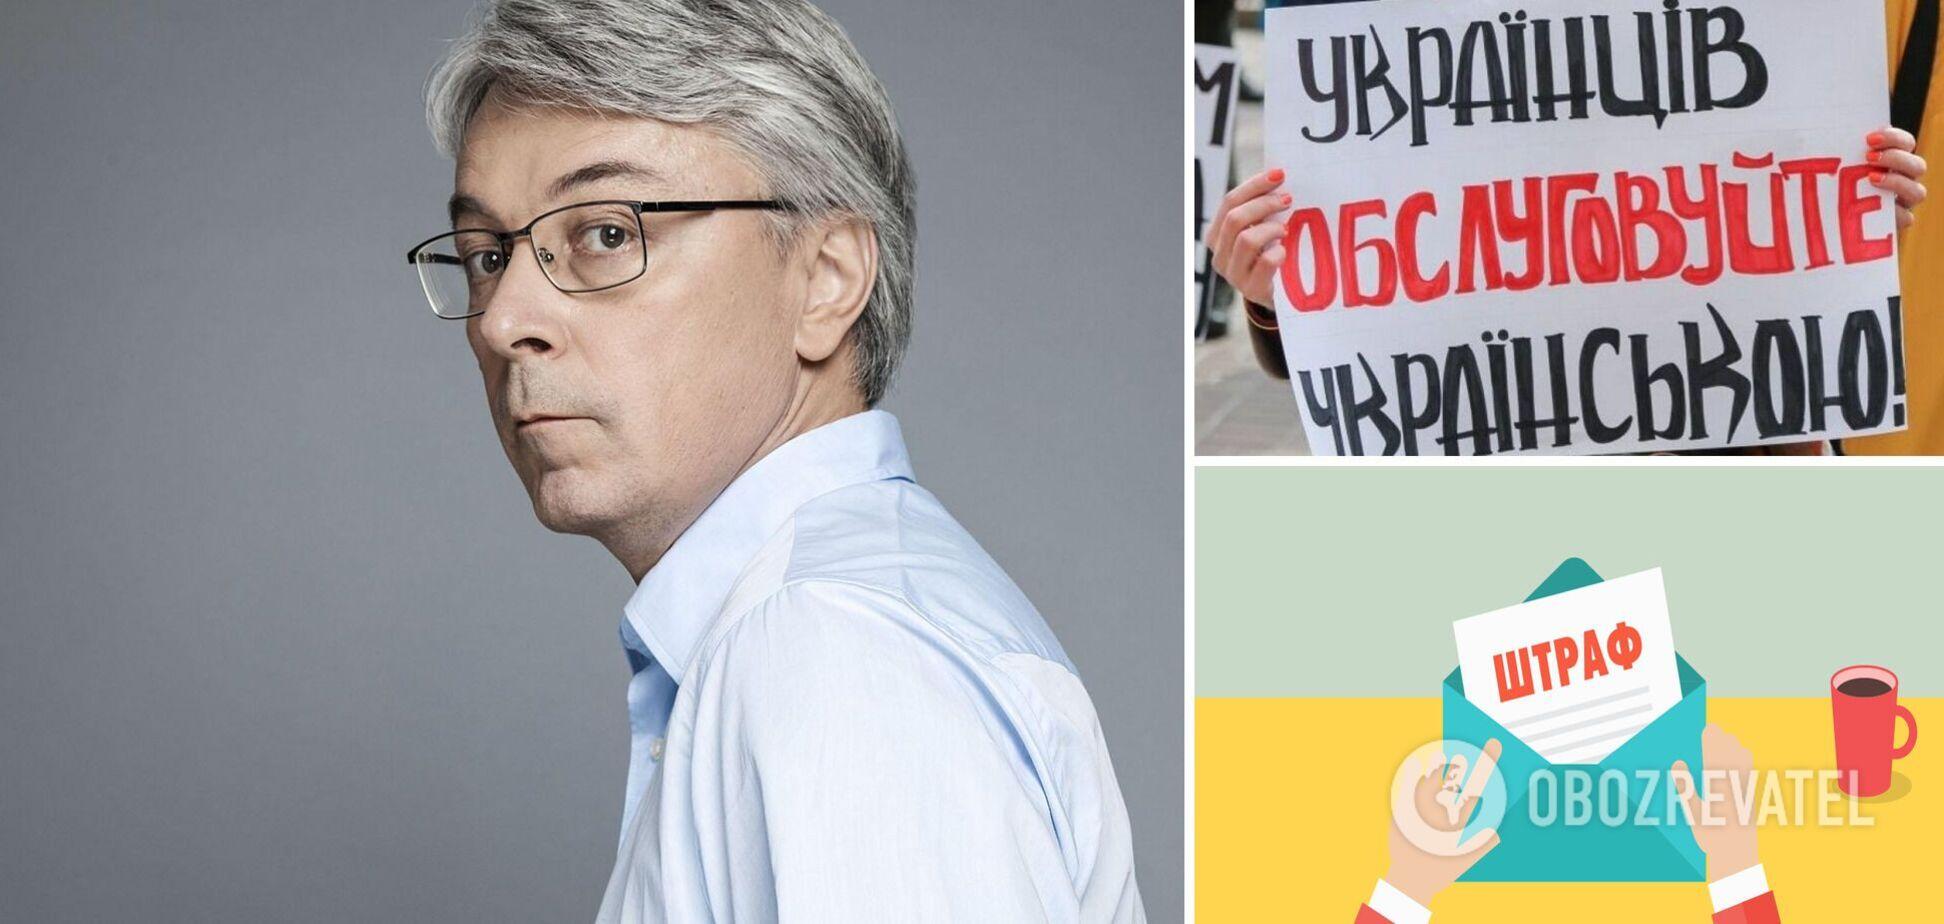 Ткаченко запропонував відтермінувати штрафи за порушення мовного закону